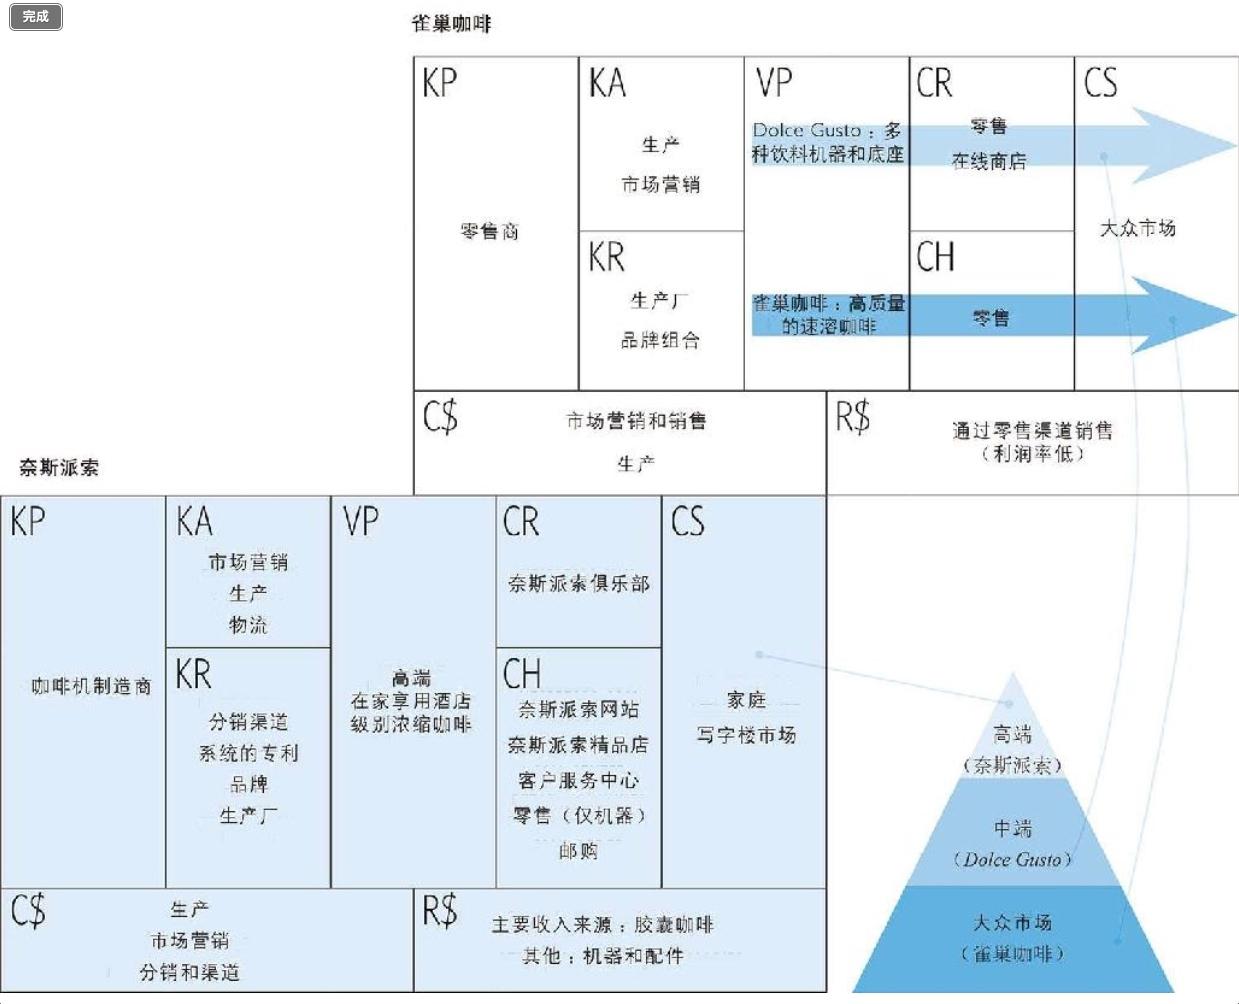 20190227-17-雀巢咖啡业务的商业模式组合.jpg